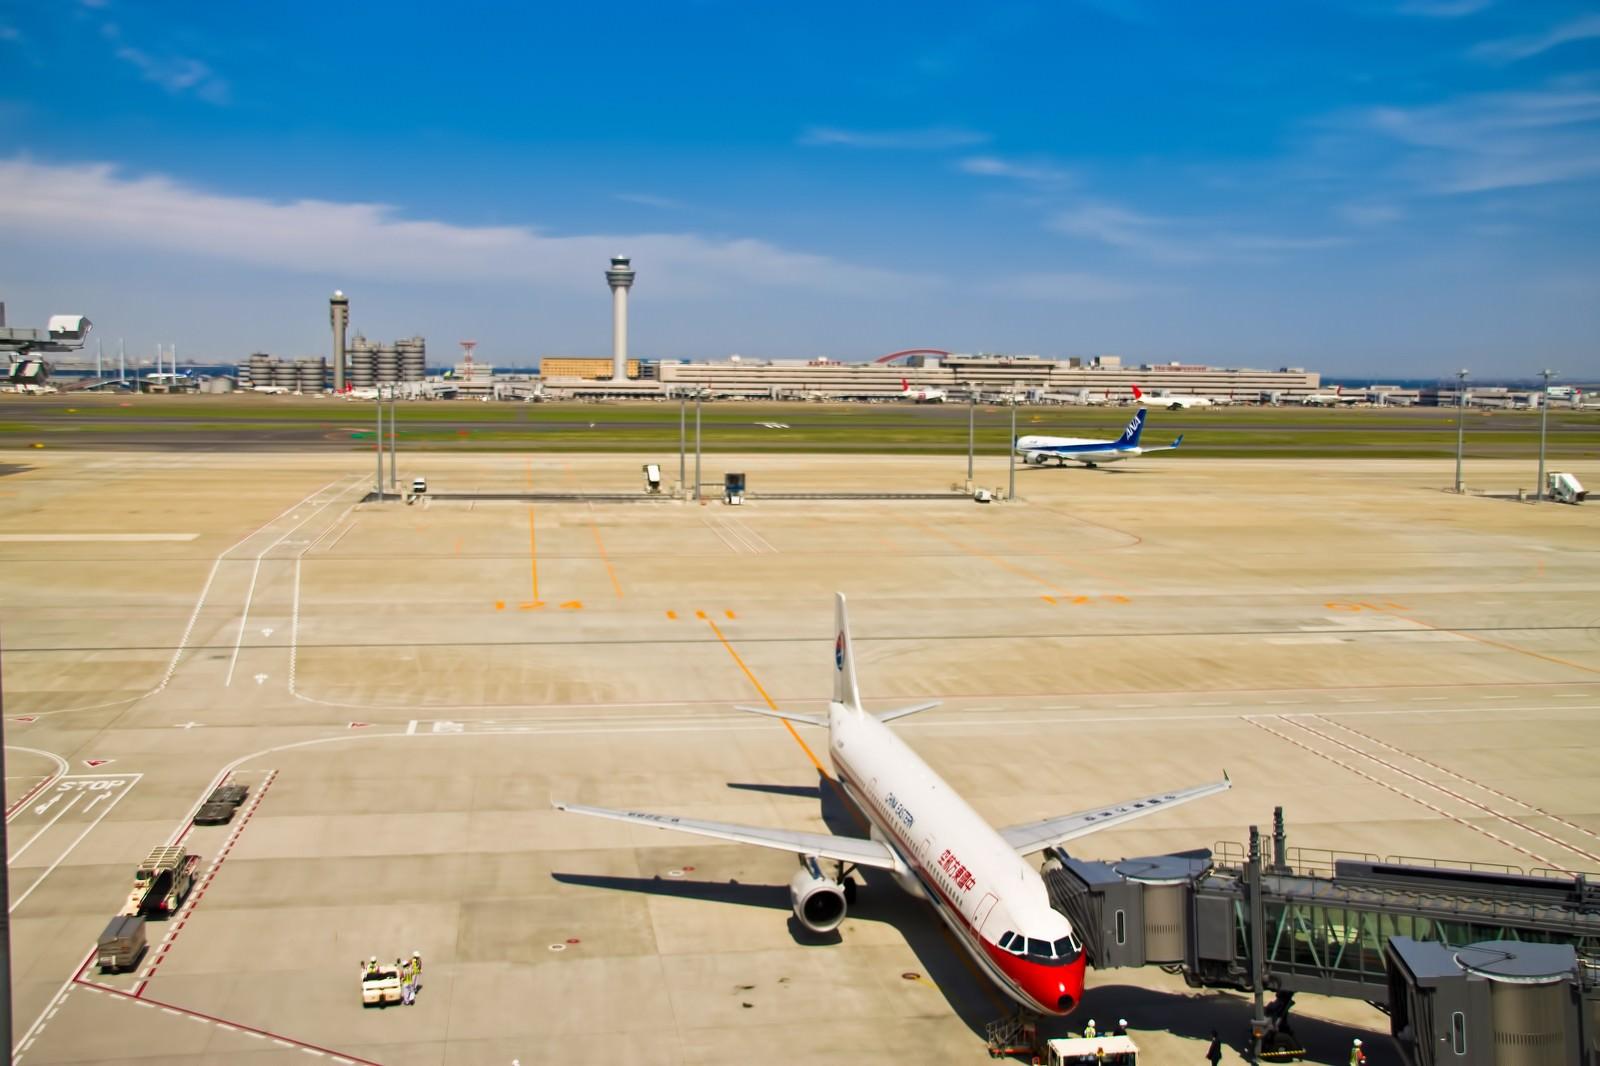 「飛行機と滑走路」の写真